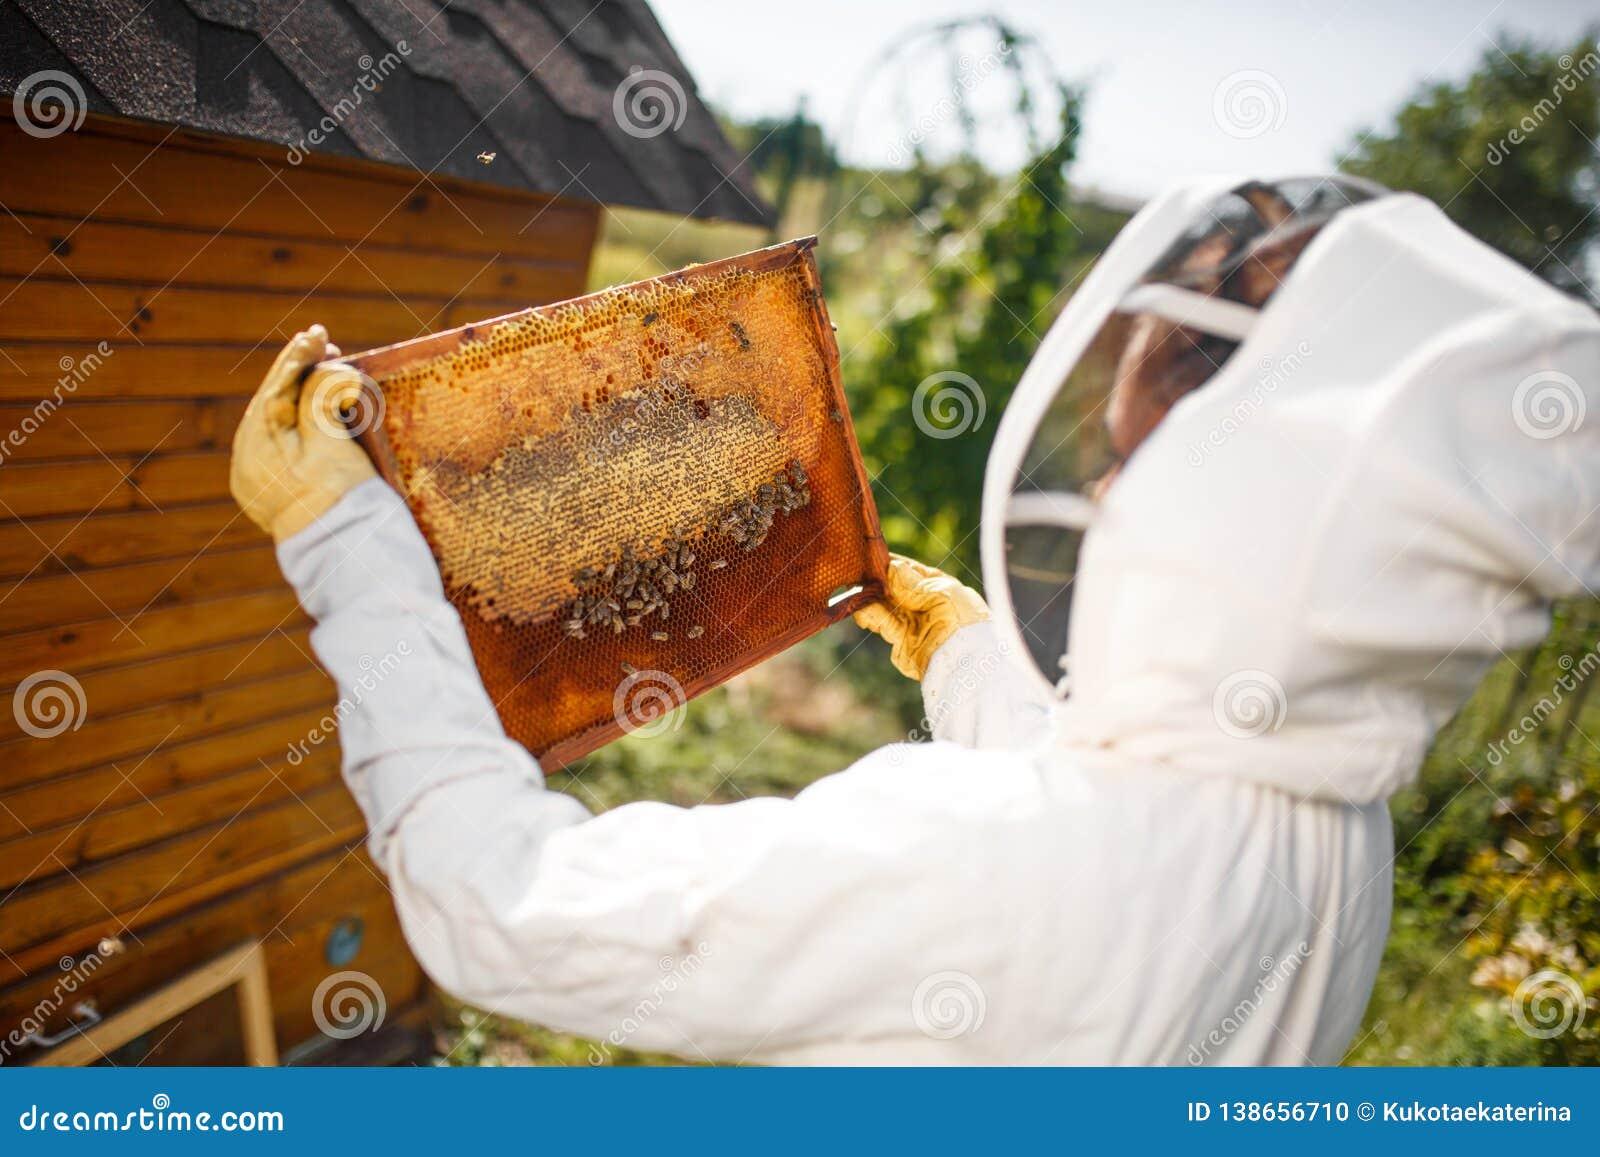 Młoda żeńska pszczelarka trzyma mnie w ona w fachowym pszczelarka kostiumu, sprawdza drewnianą ramę z honeycombs ręki